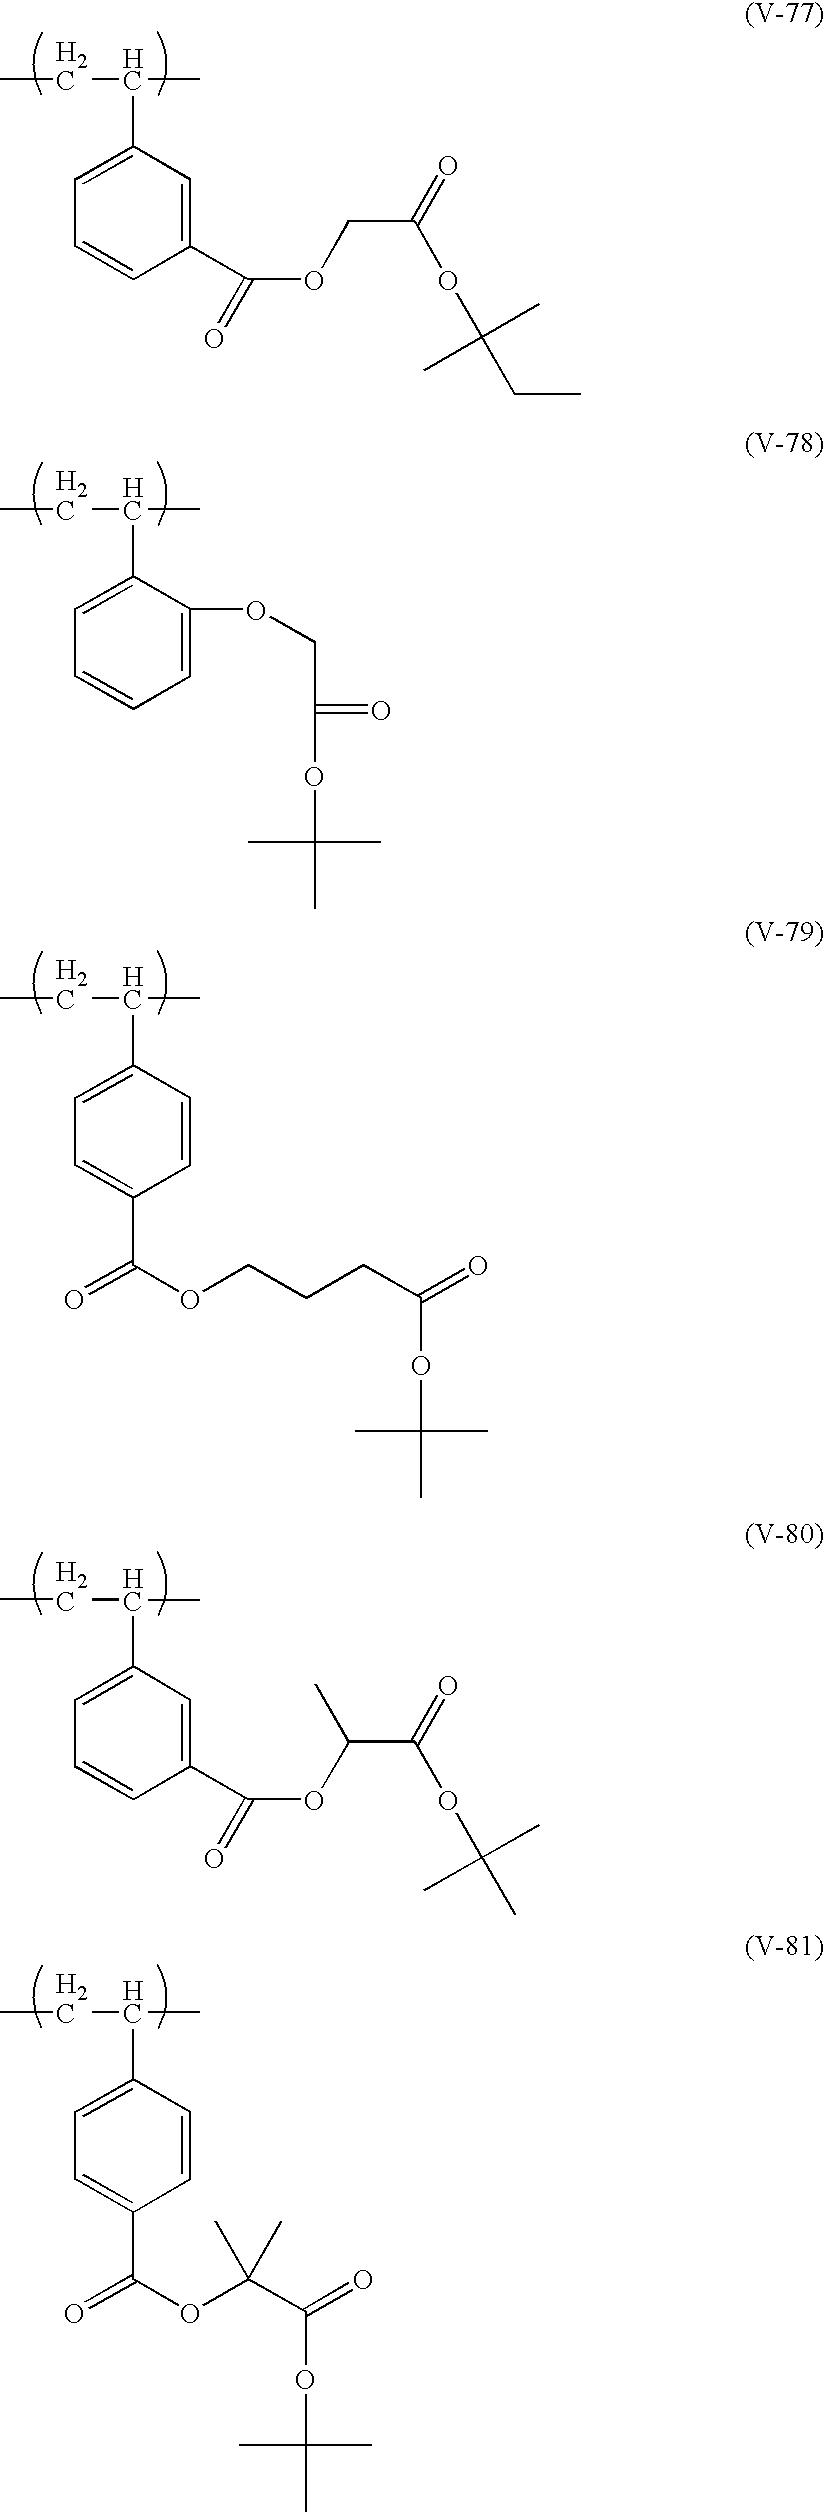 Figure US20100183975A1-20100722-C00121